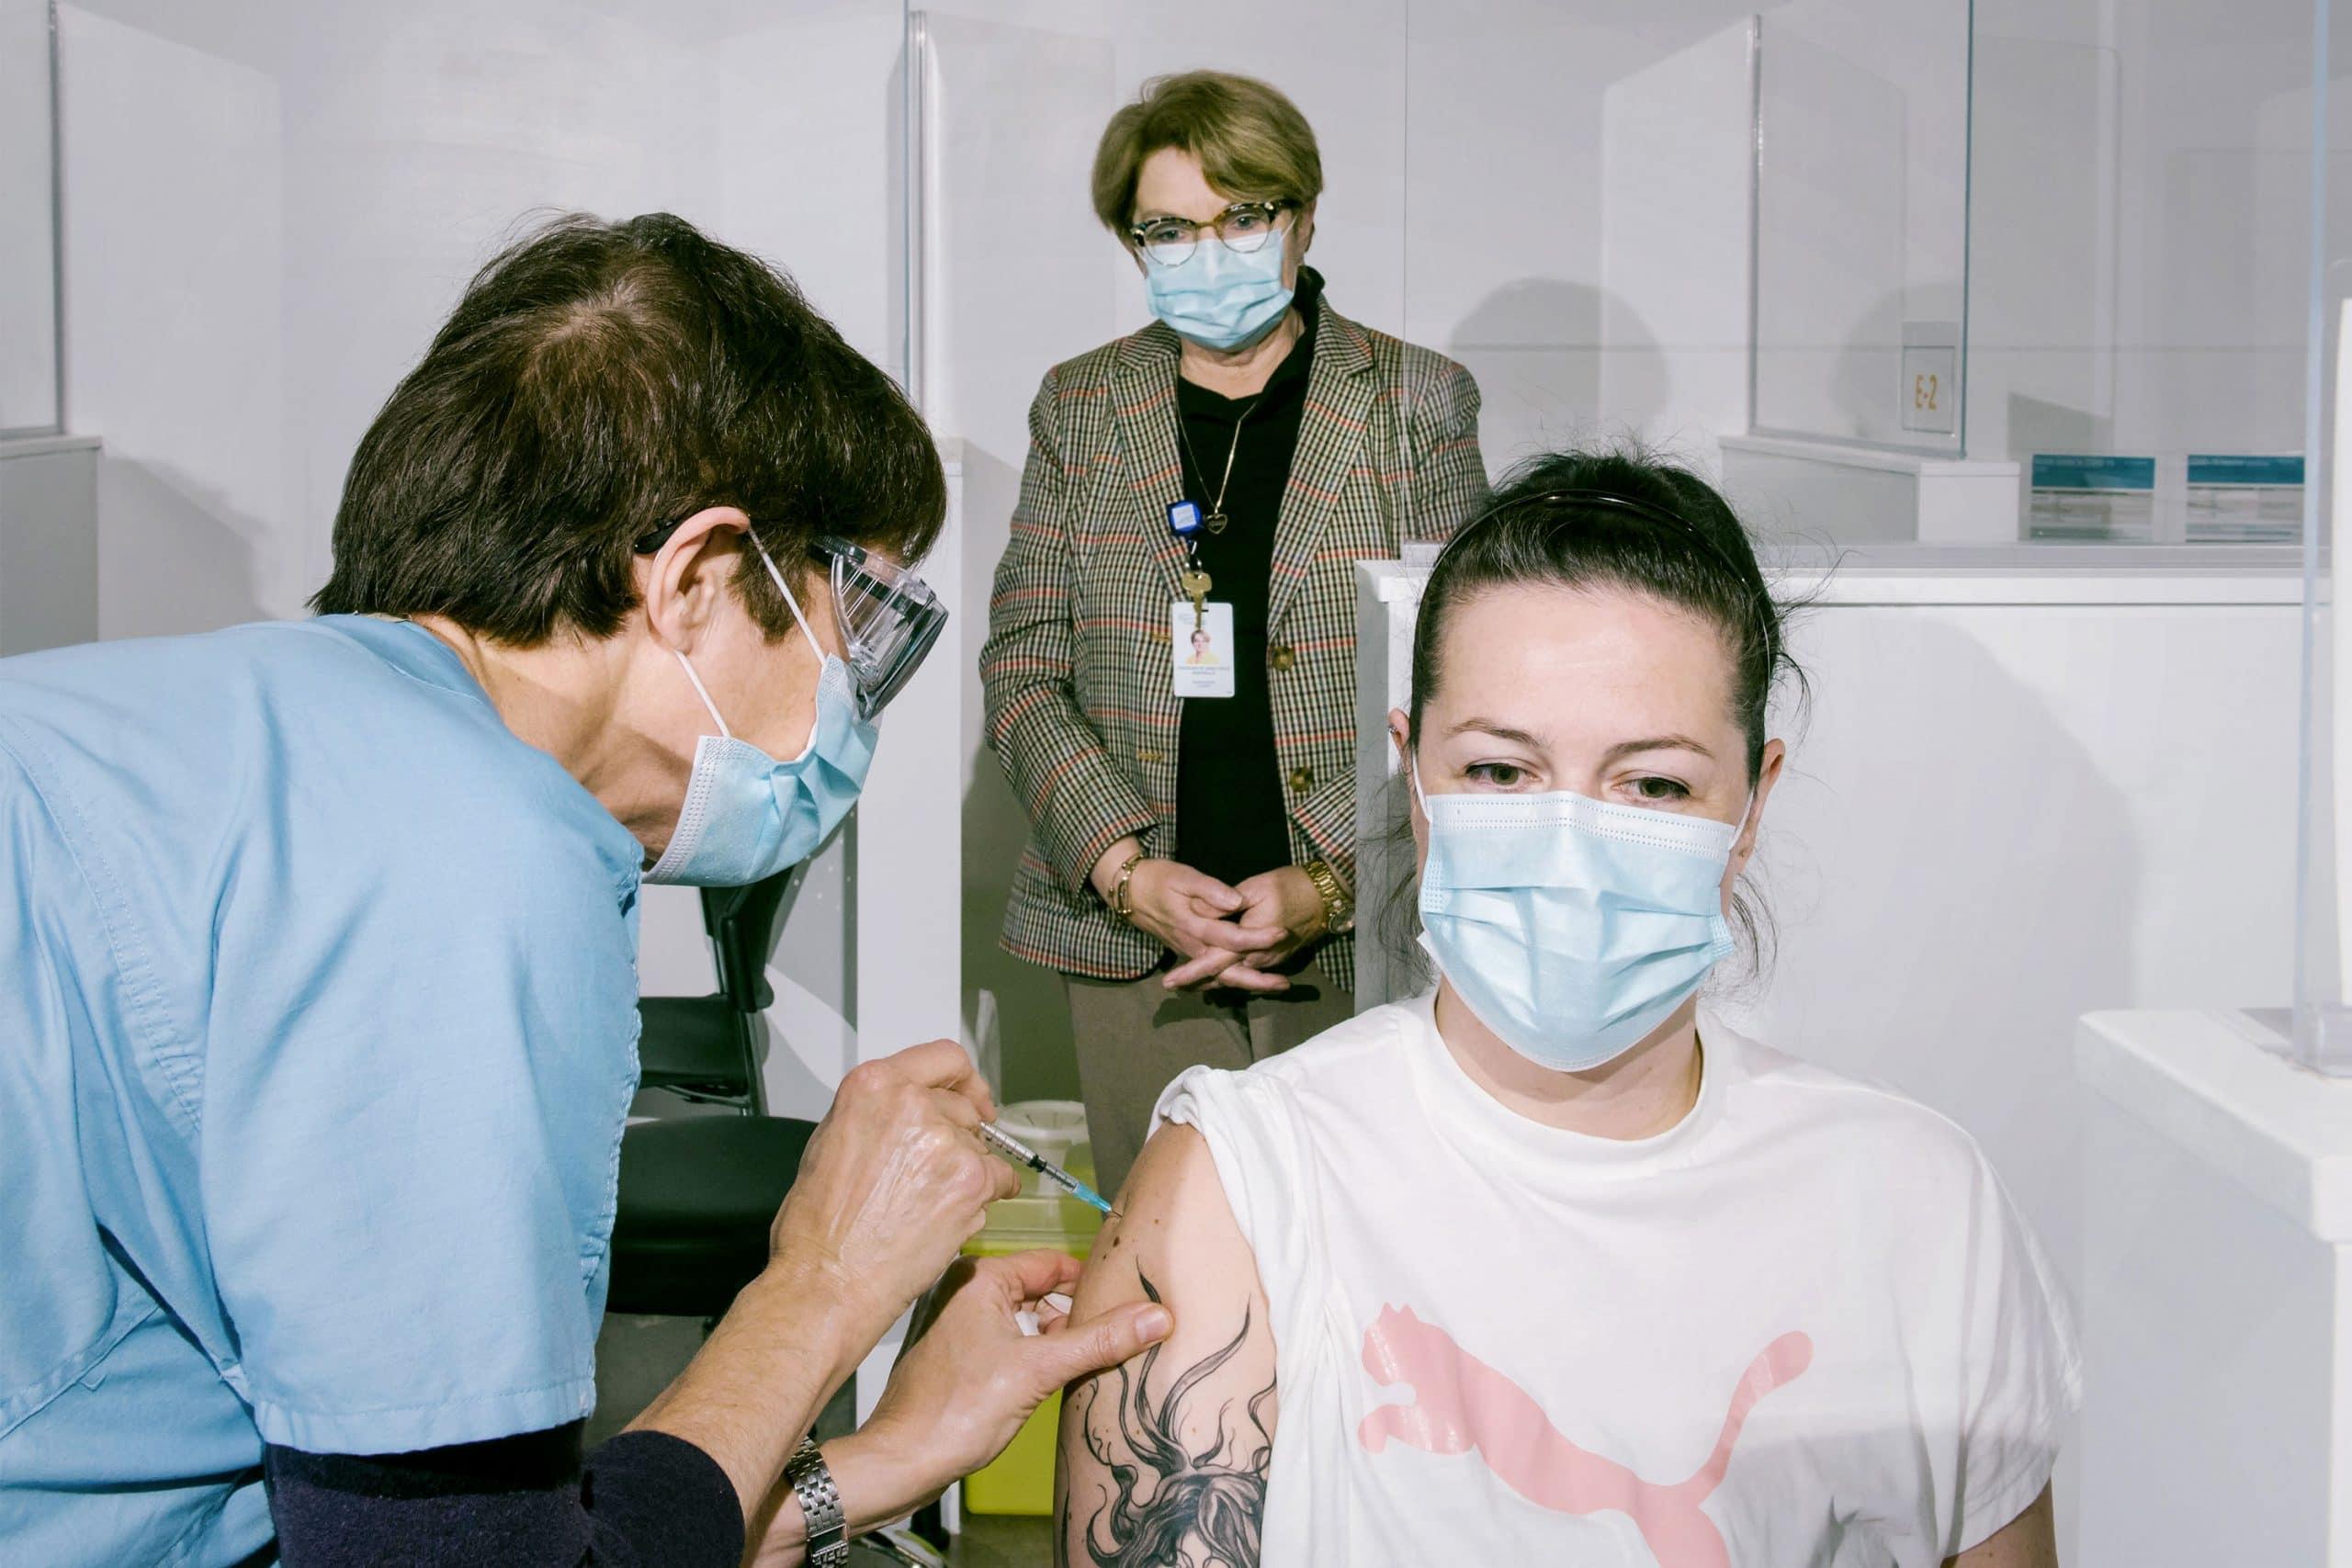 Le CISSS des Laurentides est heureux de vous partager les premiers moments capturés lors du début de la vaccination dans la région des Laurentides. Sur la photo, vous apercevez Mme Julie Painchaud, infirmière auxiliaire au Centre d'hébergement Hubert-Maisonneuve première personne vaccinée dans les Laurentides par Mme Nancy Hogue, infirmière clinicienne à la vaccination contre la Covid-19 Madame Rosemonde Landry, présidente-directrice générale du CISSS des Laurentides a tenu à sortir quelques instants de son travail à domicile afin d'assister à ce moment important et ainsi témoigner tout son soutien aux équipes en charge de la vaccination.